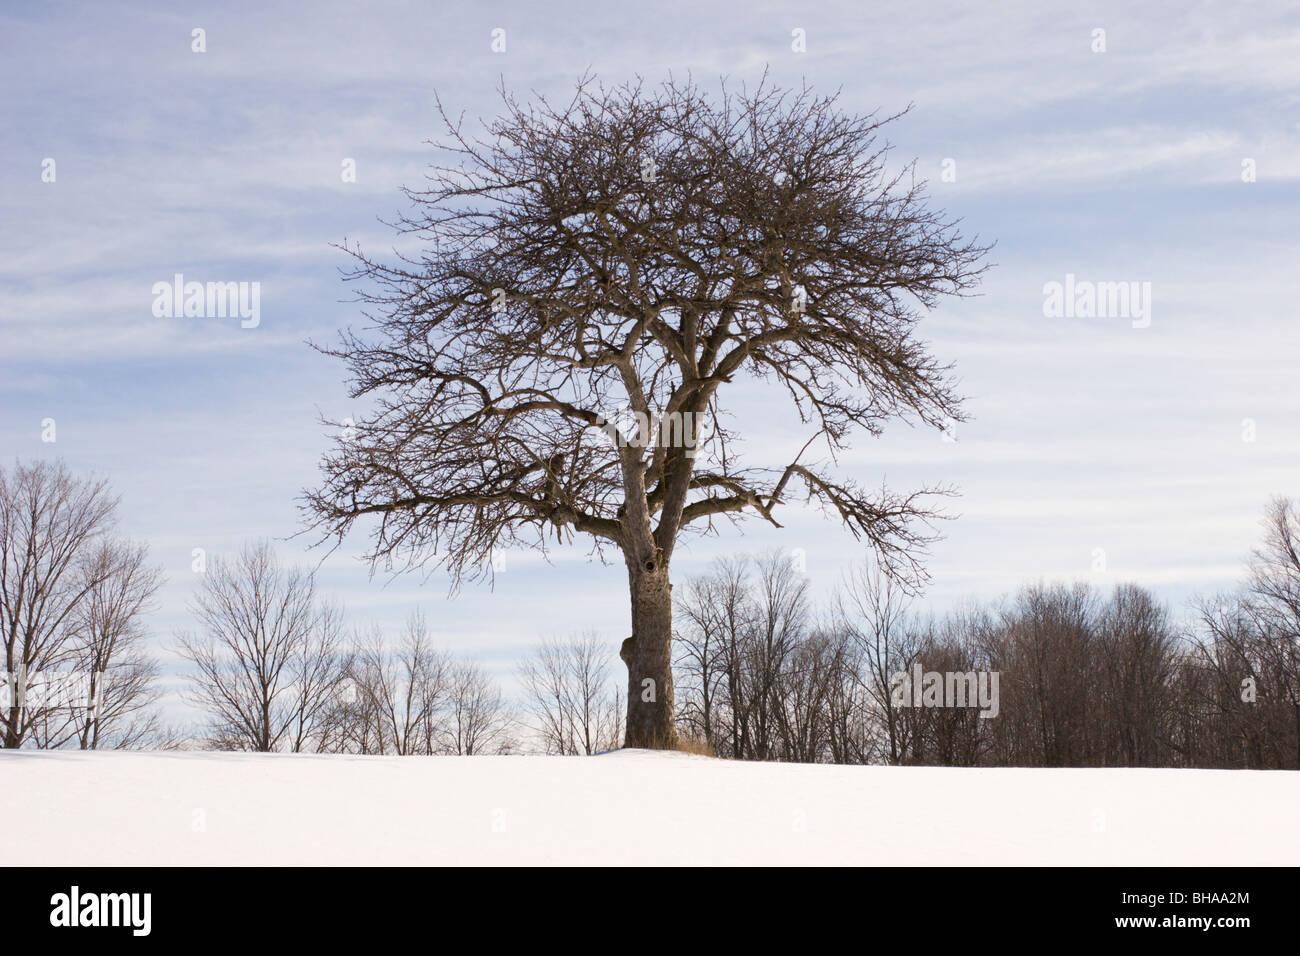 Tree apple scena invernale melo Immagini Stock